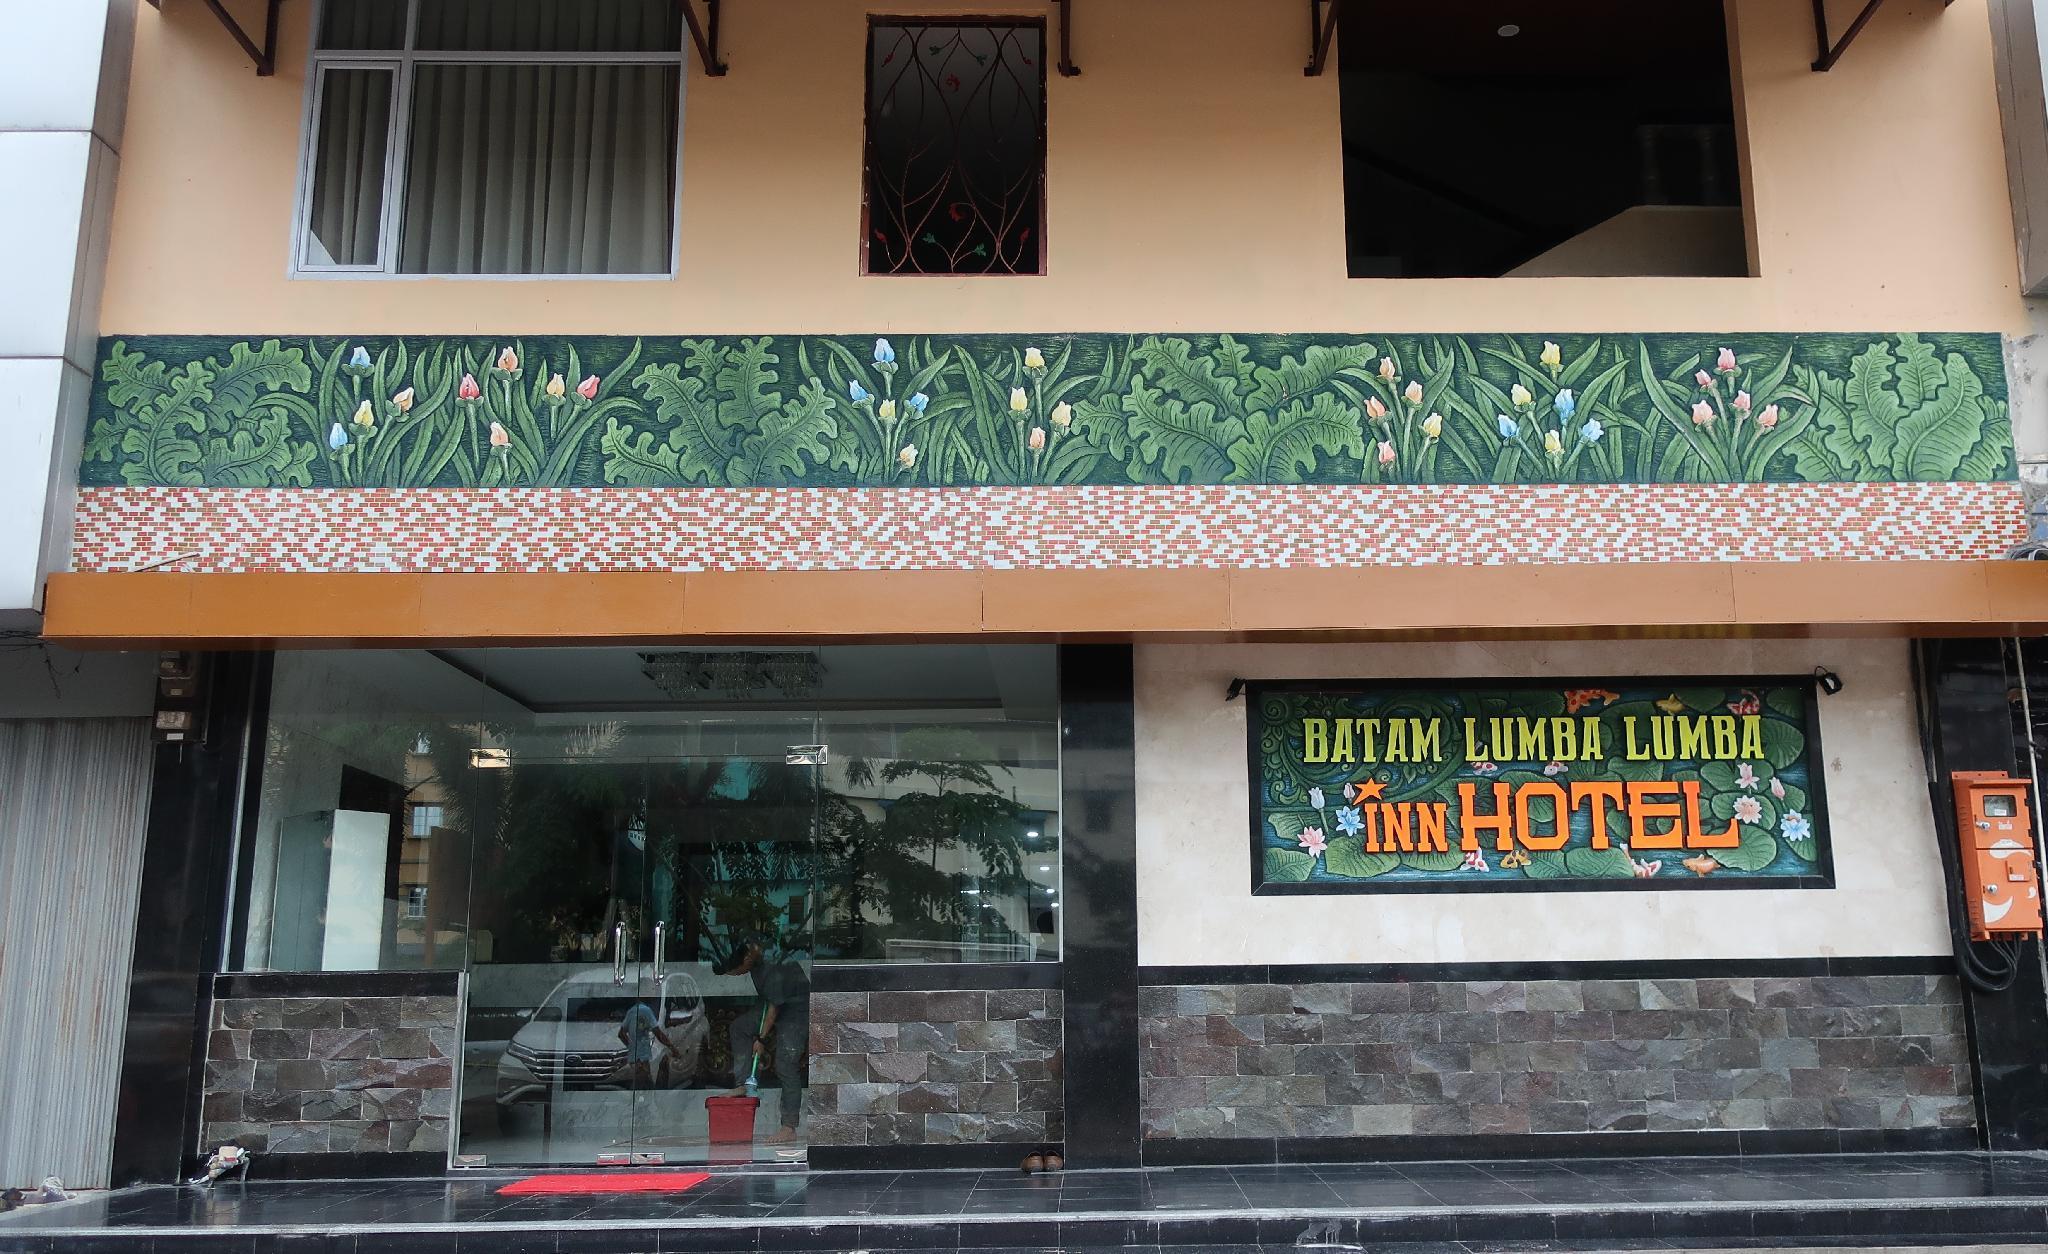 Batam Lumba Lumba Inn